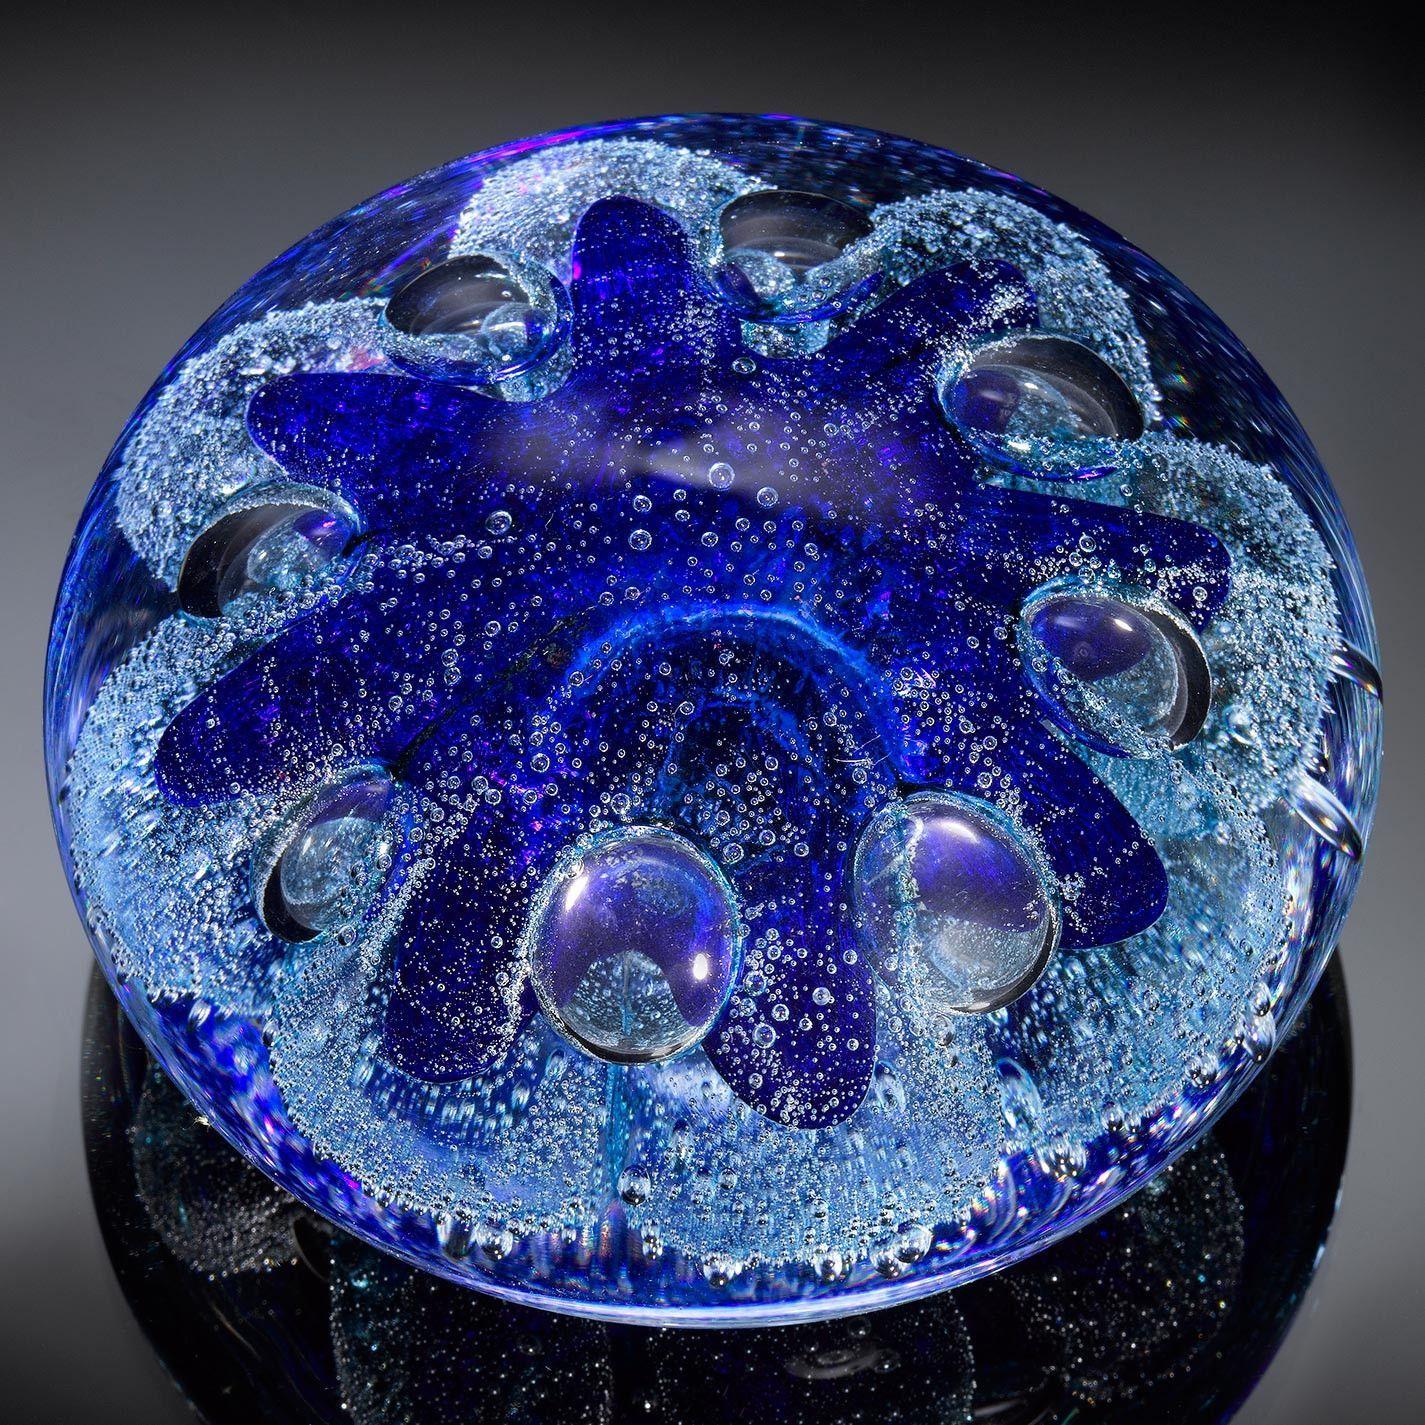 Nautical Series Urchin Cerulean Blue Paperweight Artistic Hand Blown Glass